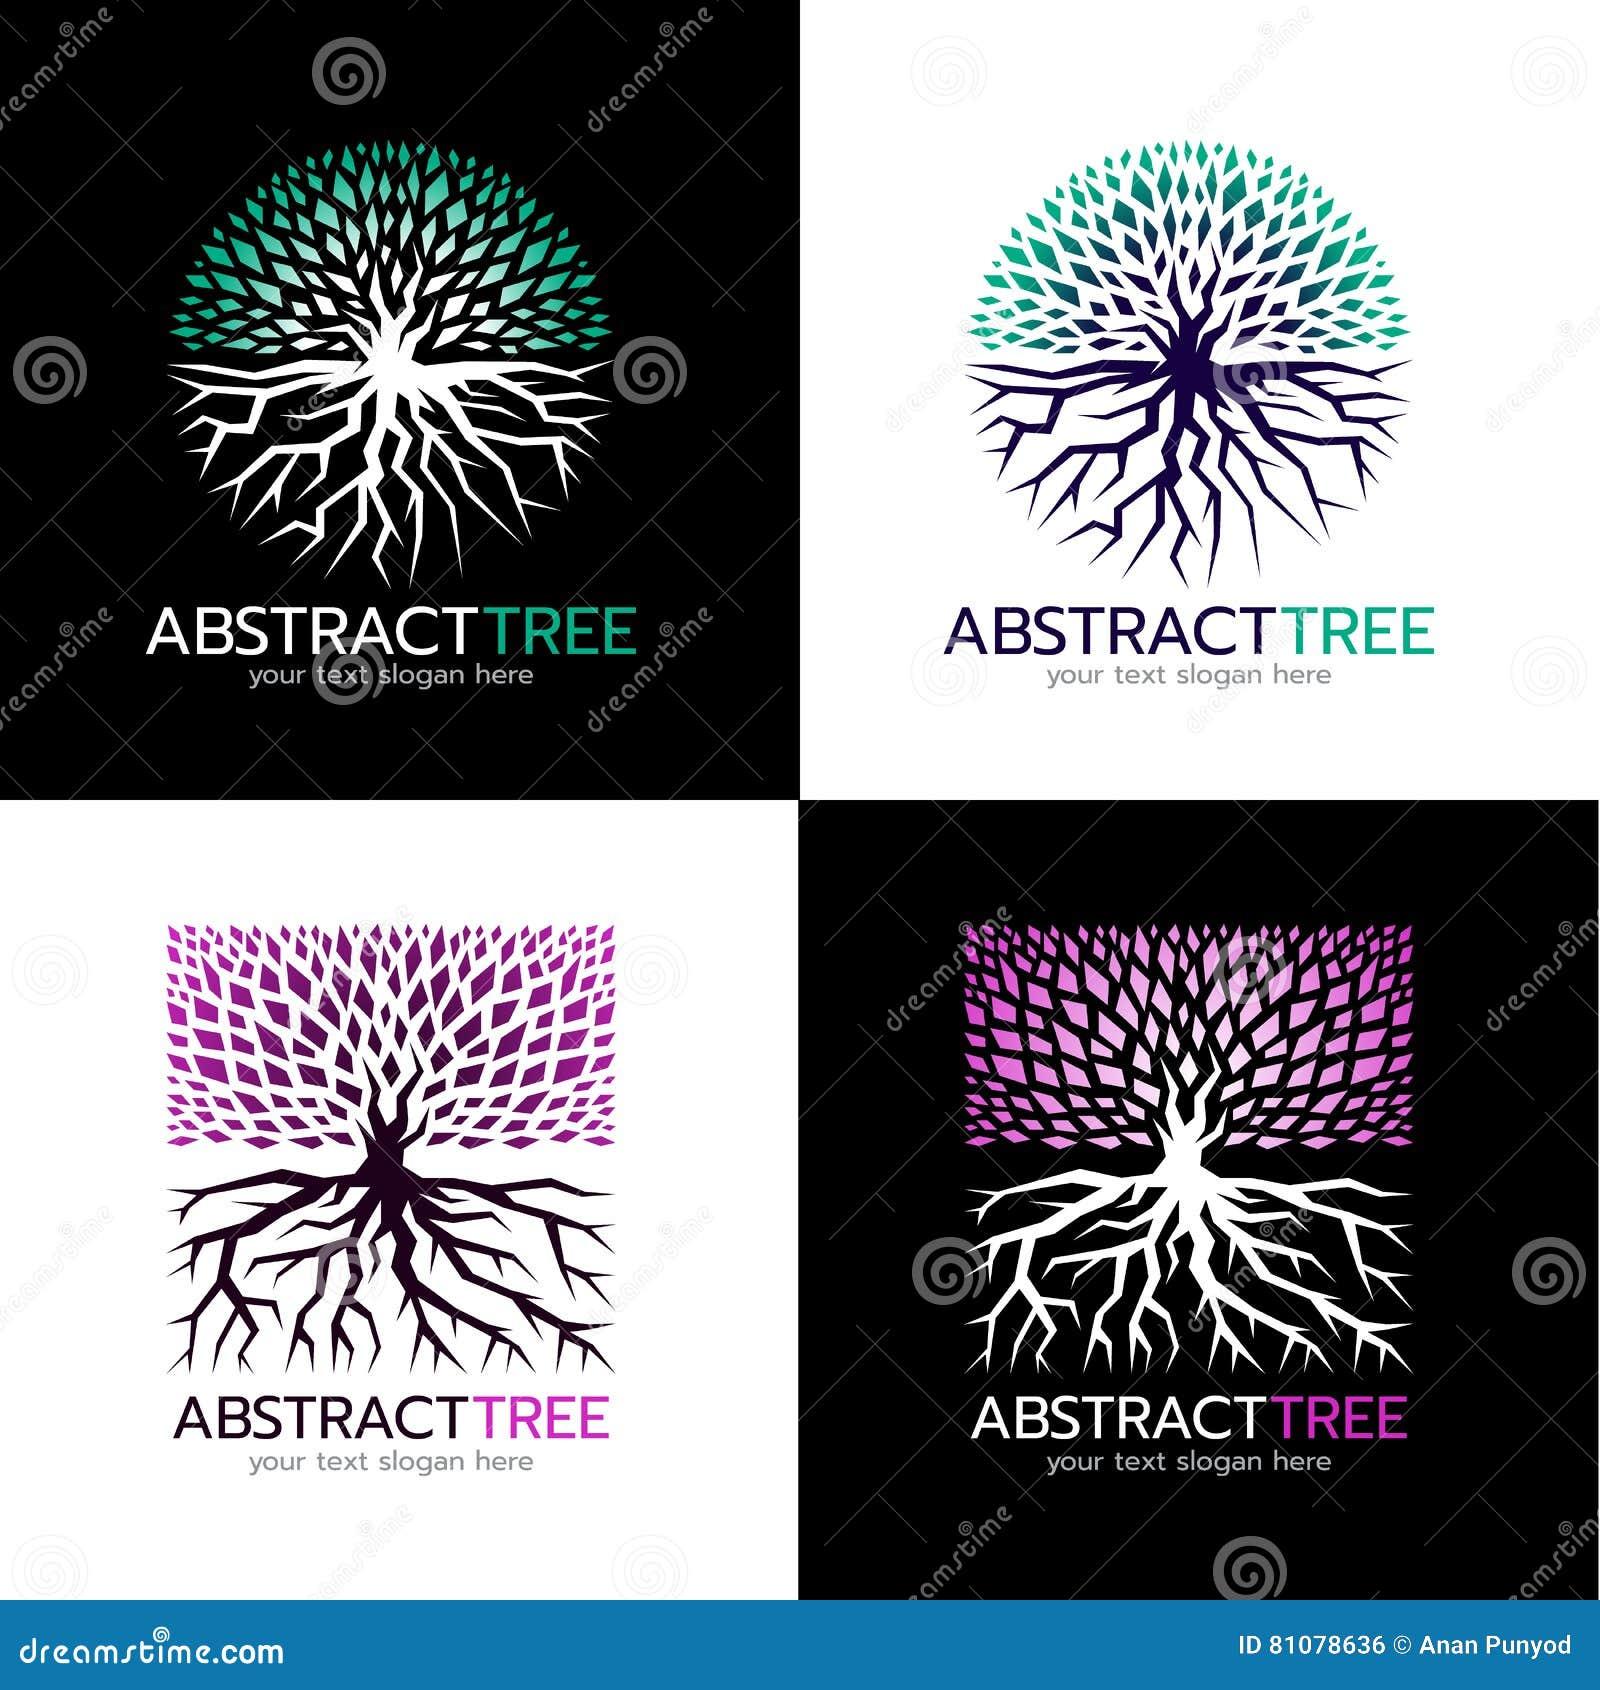 Circle Abstract Tree Logo And Square Abstract Tree Logo ...